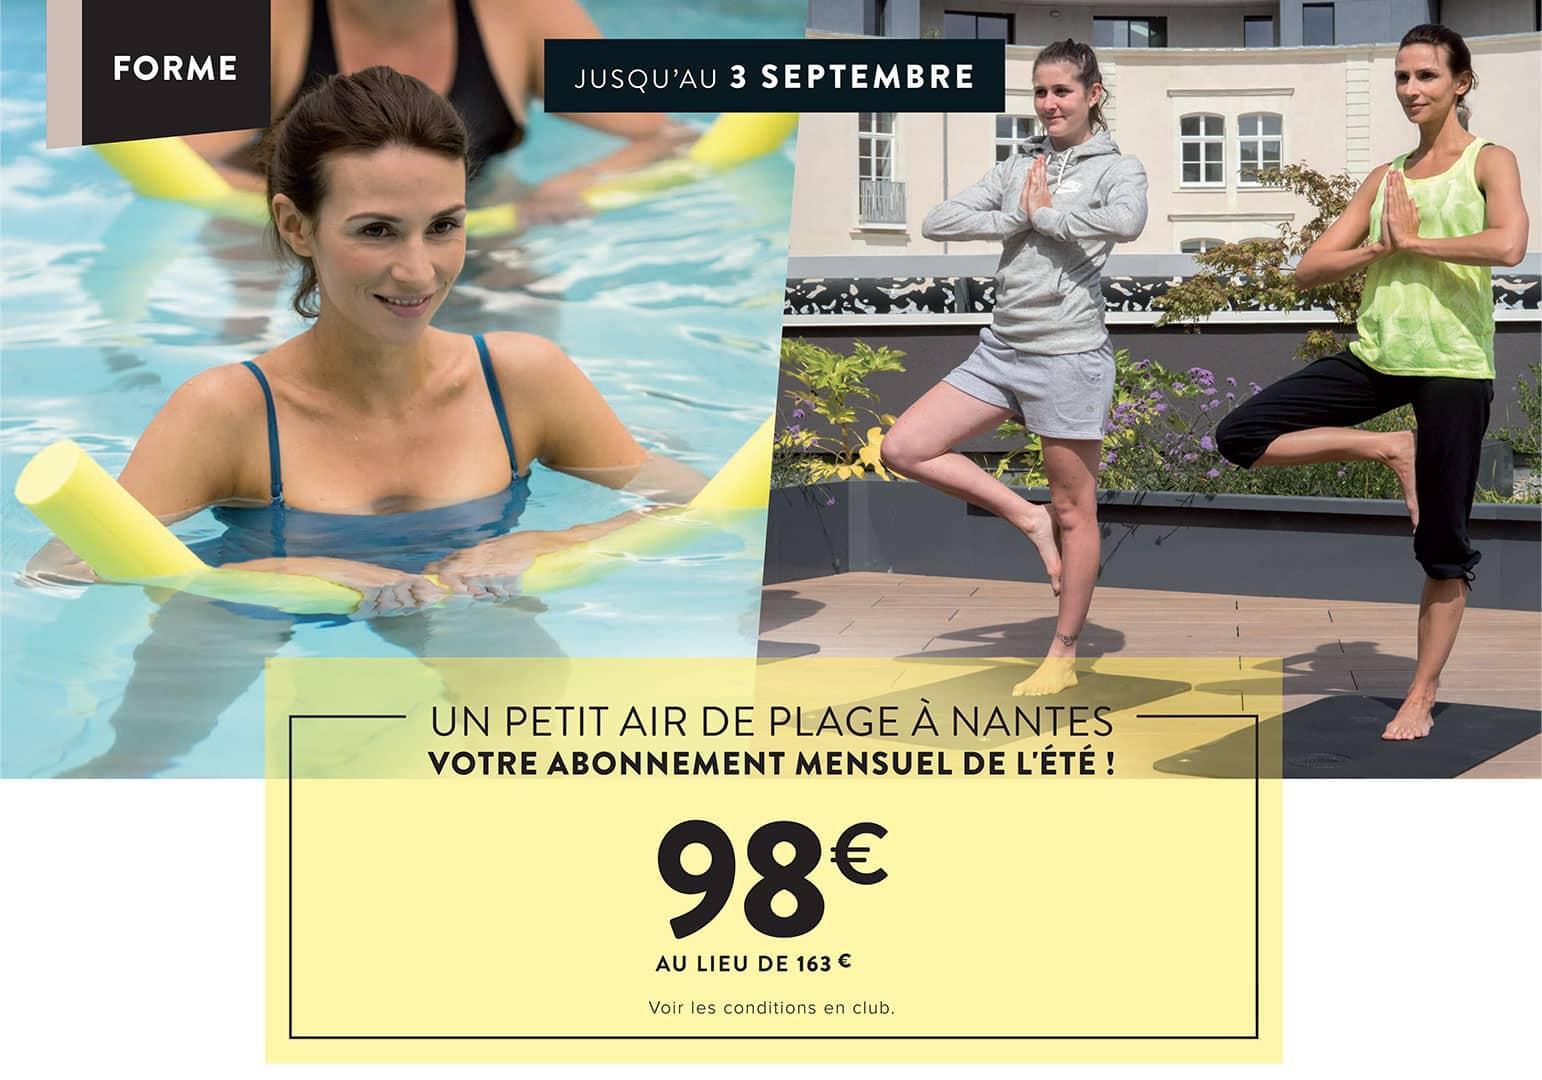 Abonnement de l'été Aquatique et Fitness